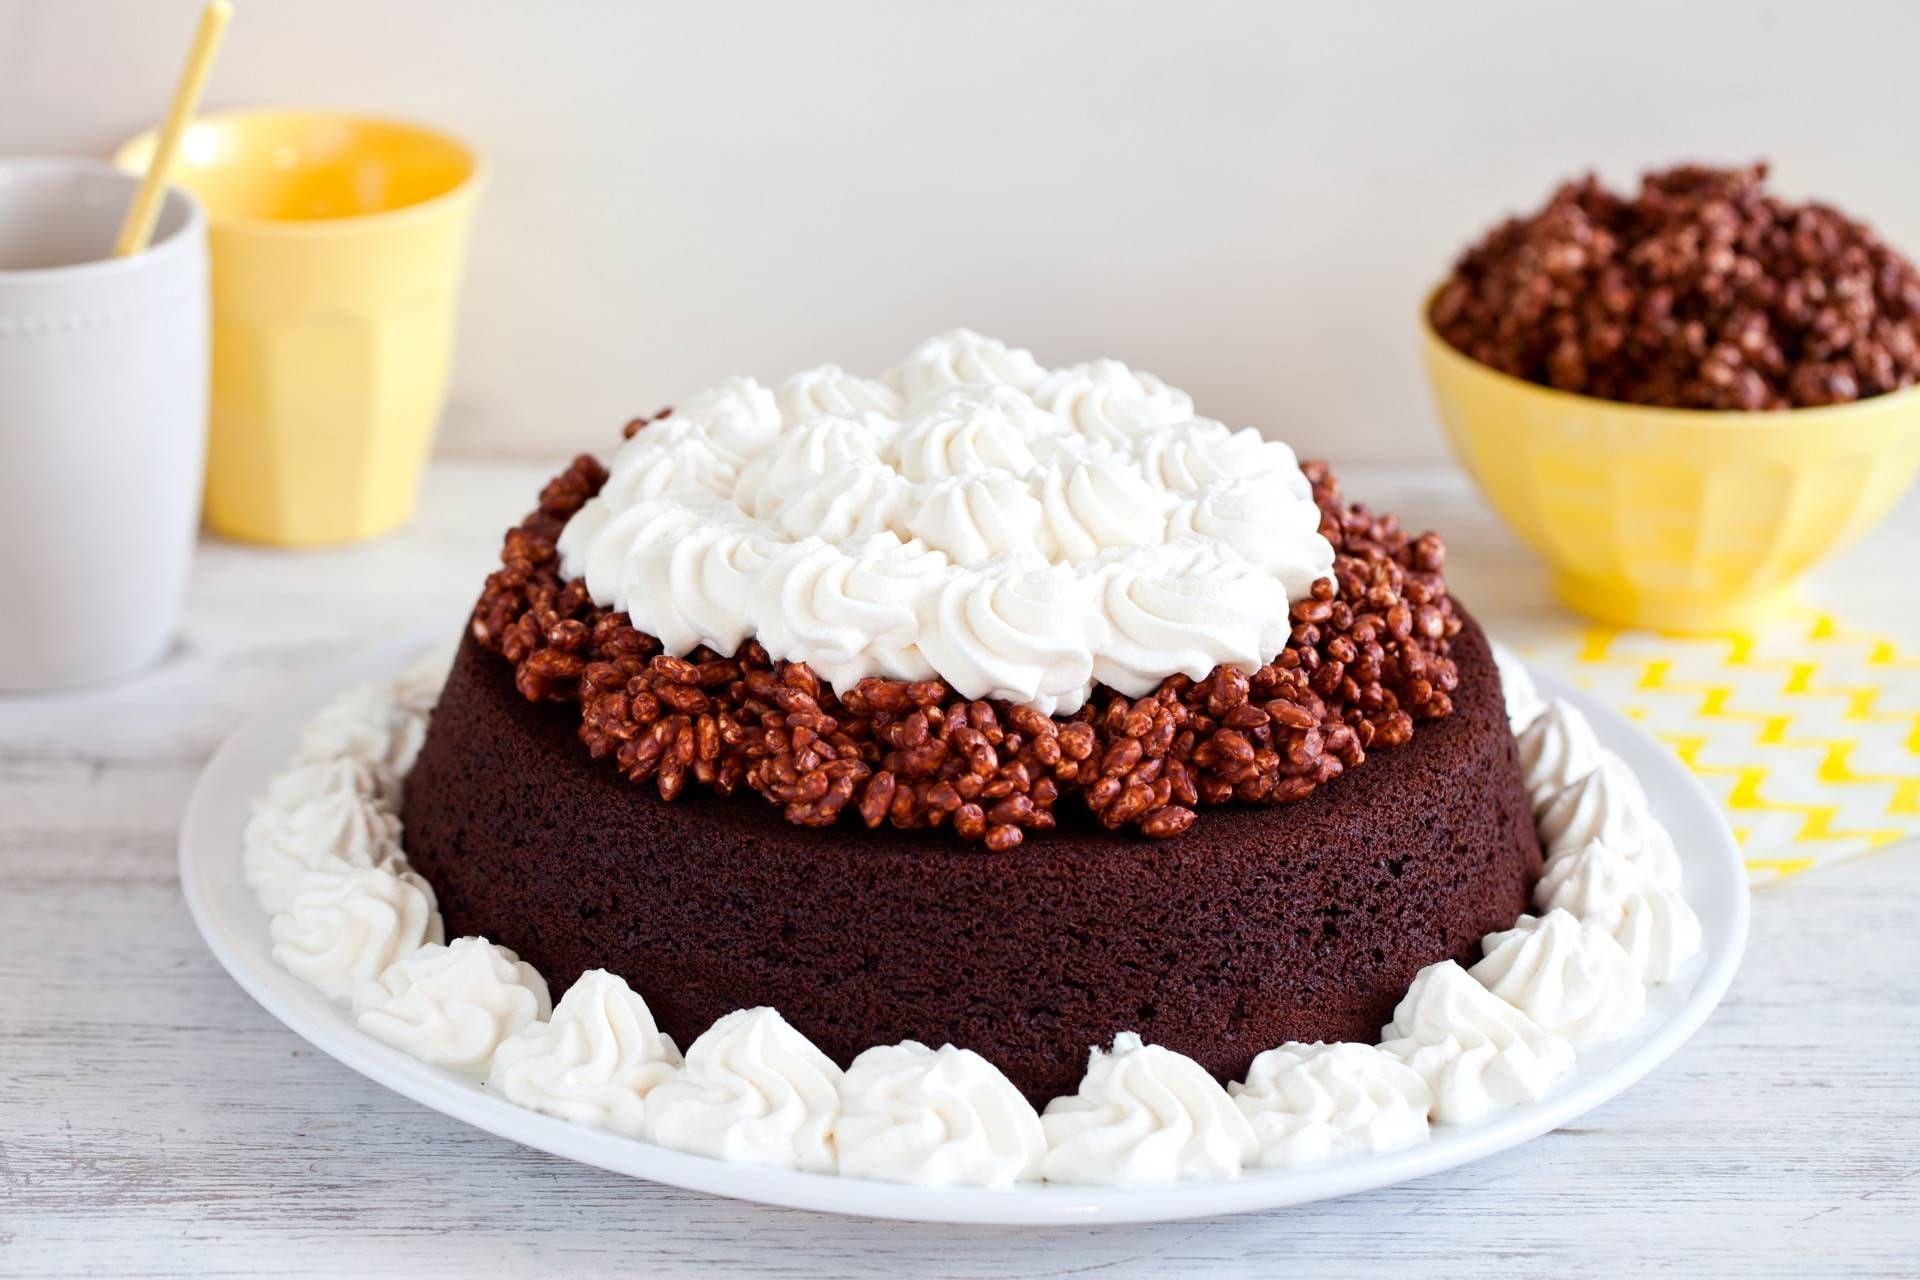 Torta al cioccolato e cannella con riso soffiato - Parmalat